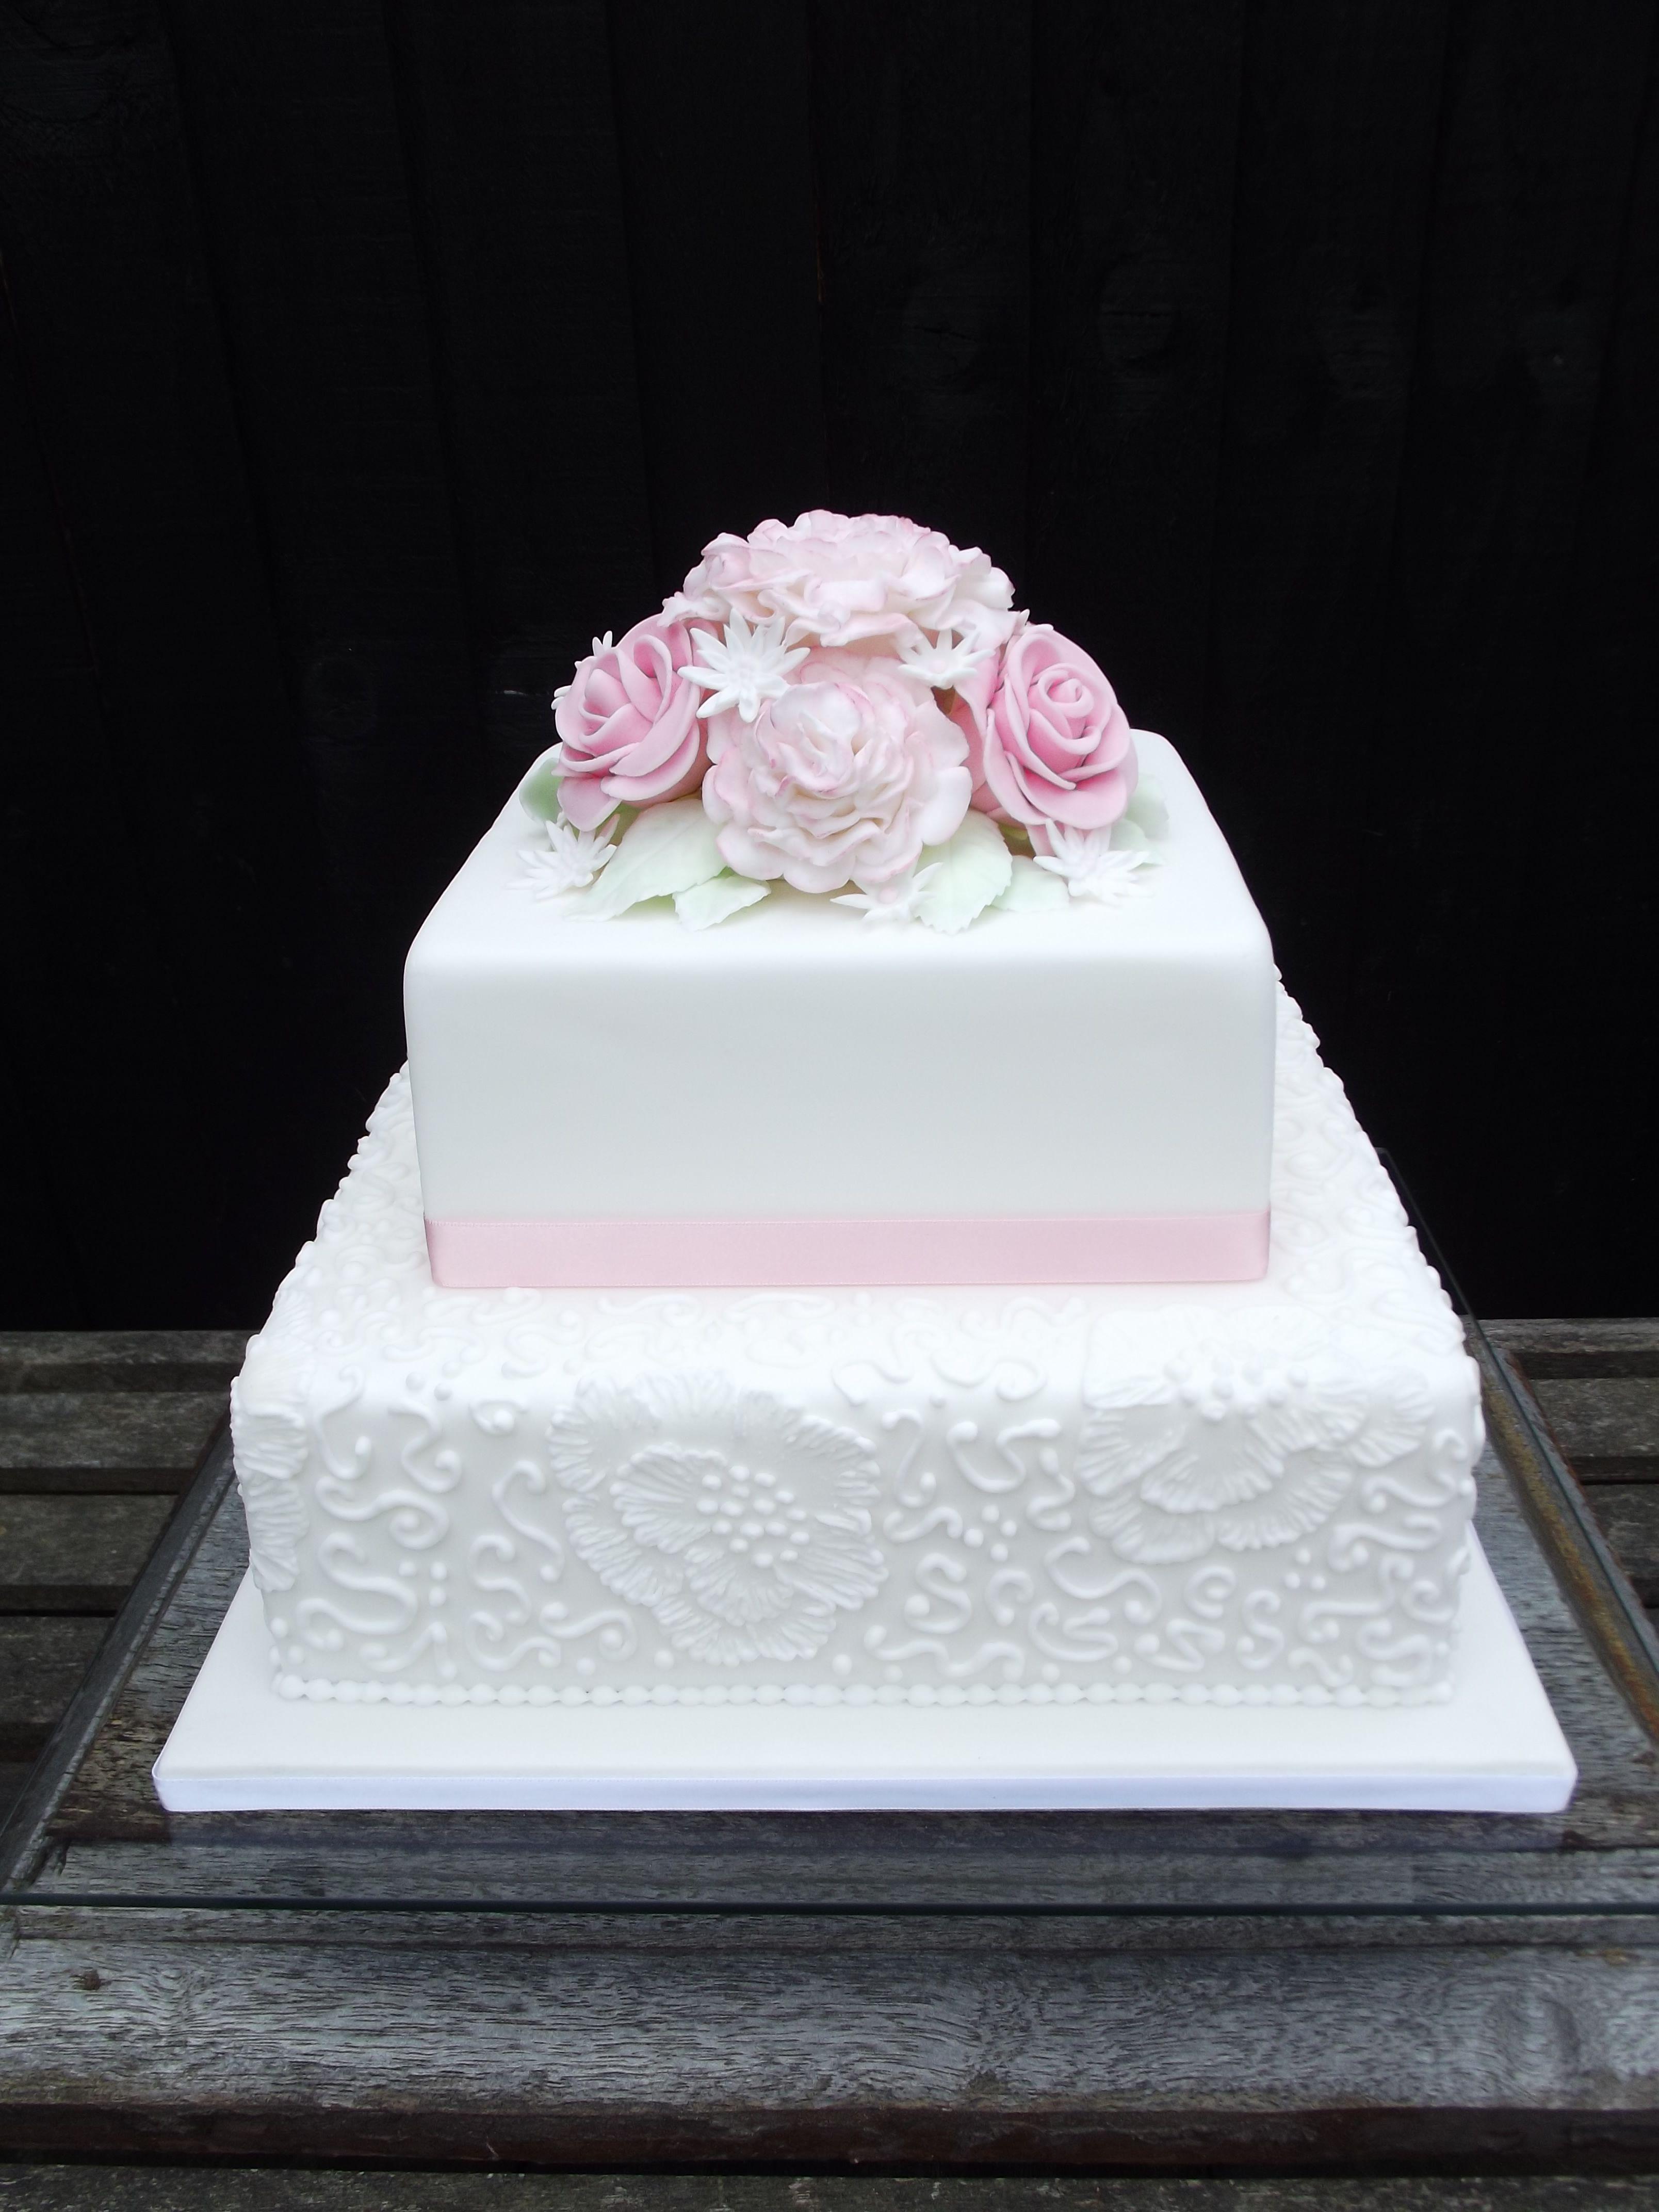 Amazing Square Wedding Cake Gallery Elaboration - Wedding Idea 2018 ...